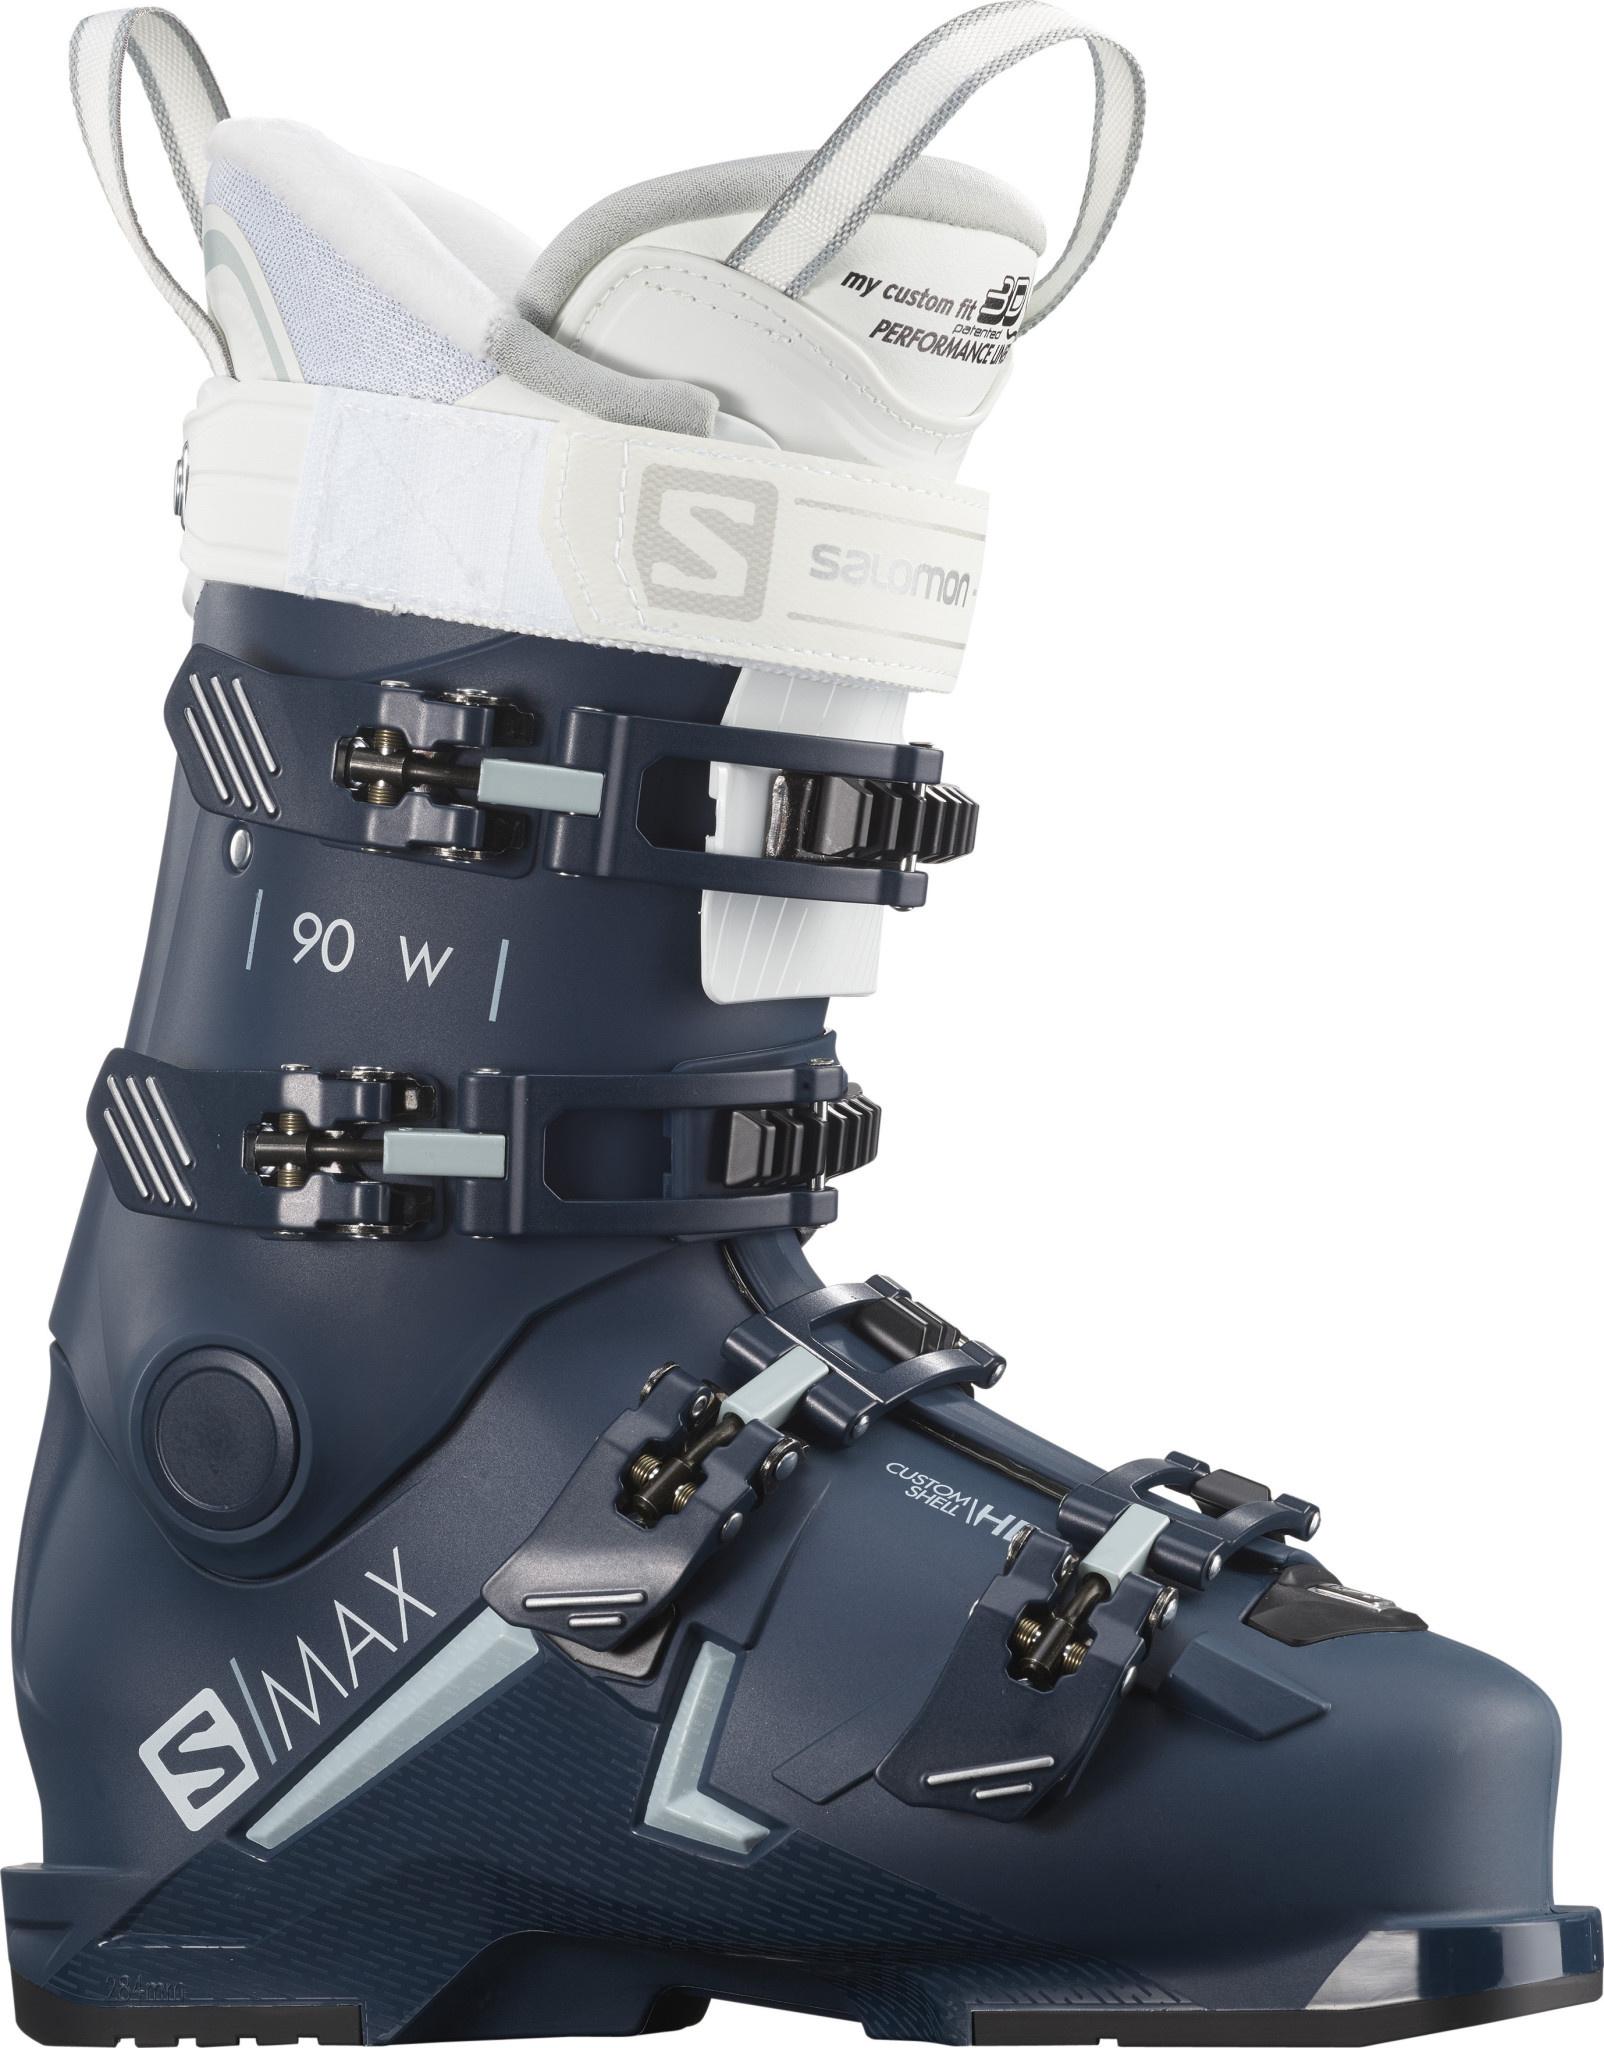 Salomon S/Max 90 W-1